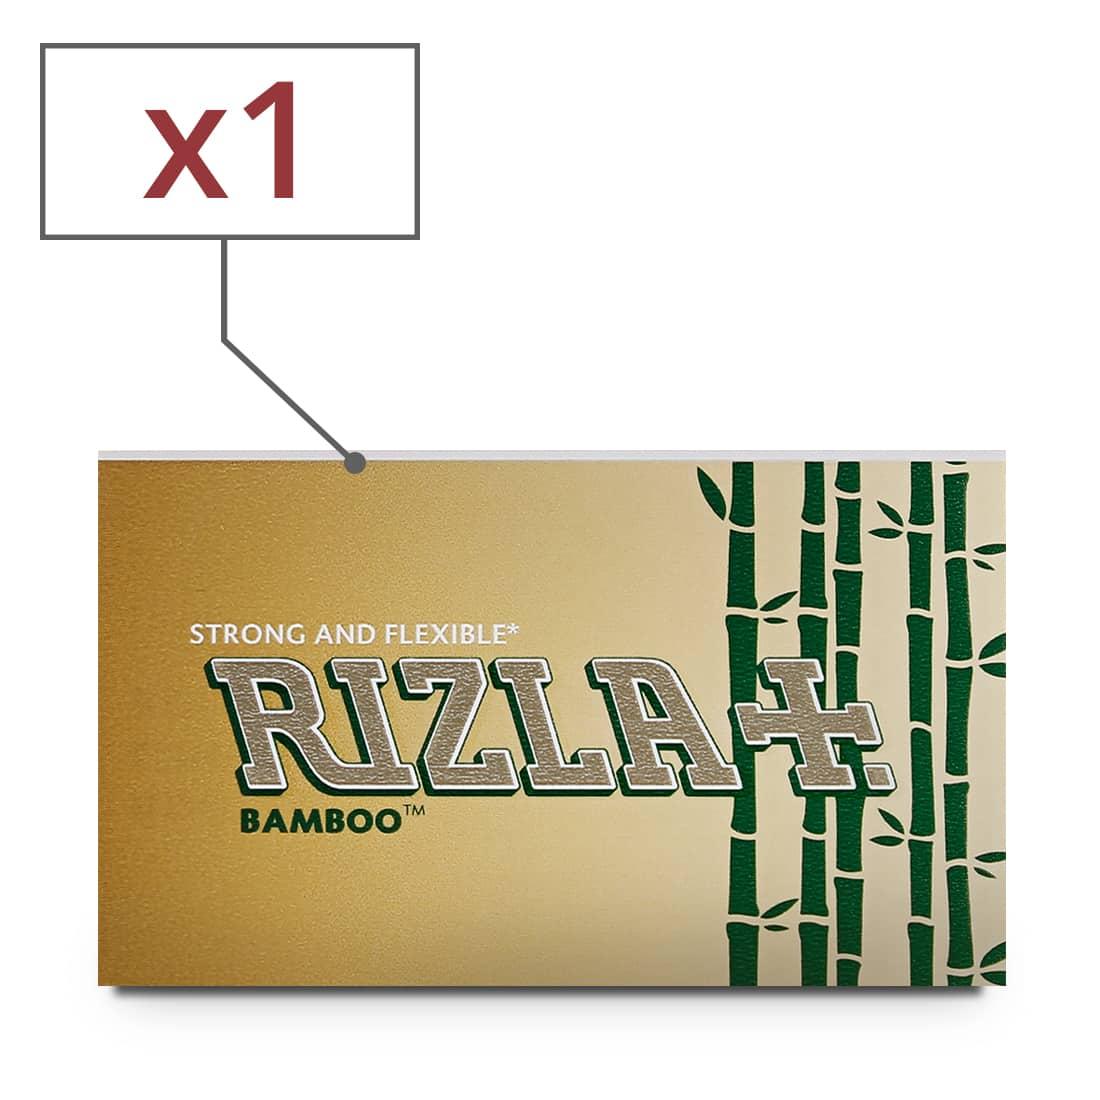 Photo de Papier à rouler Rizla + Bamboo x 1